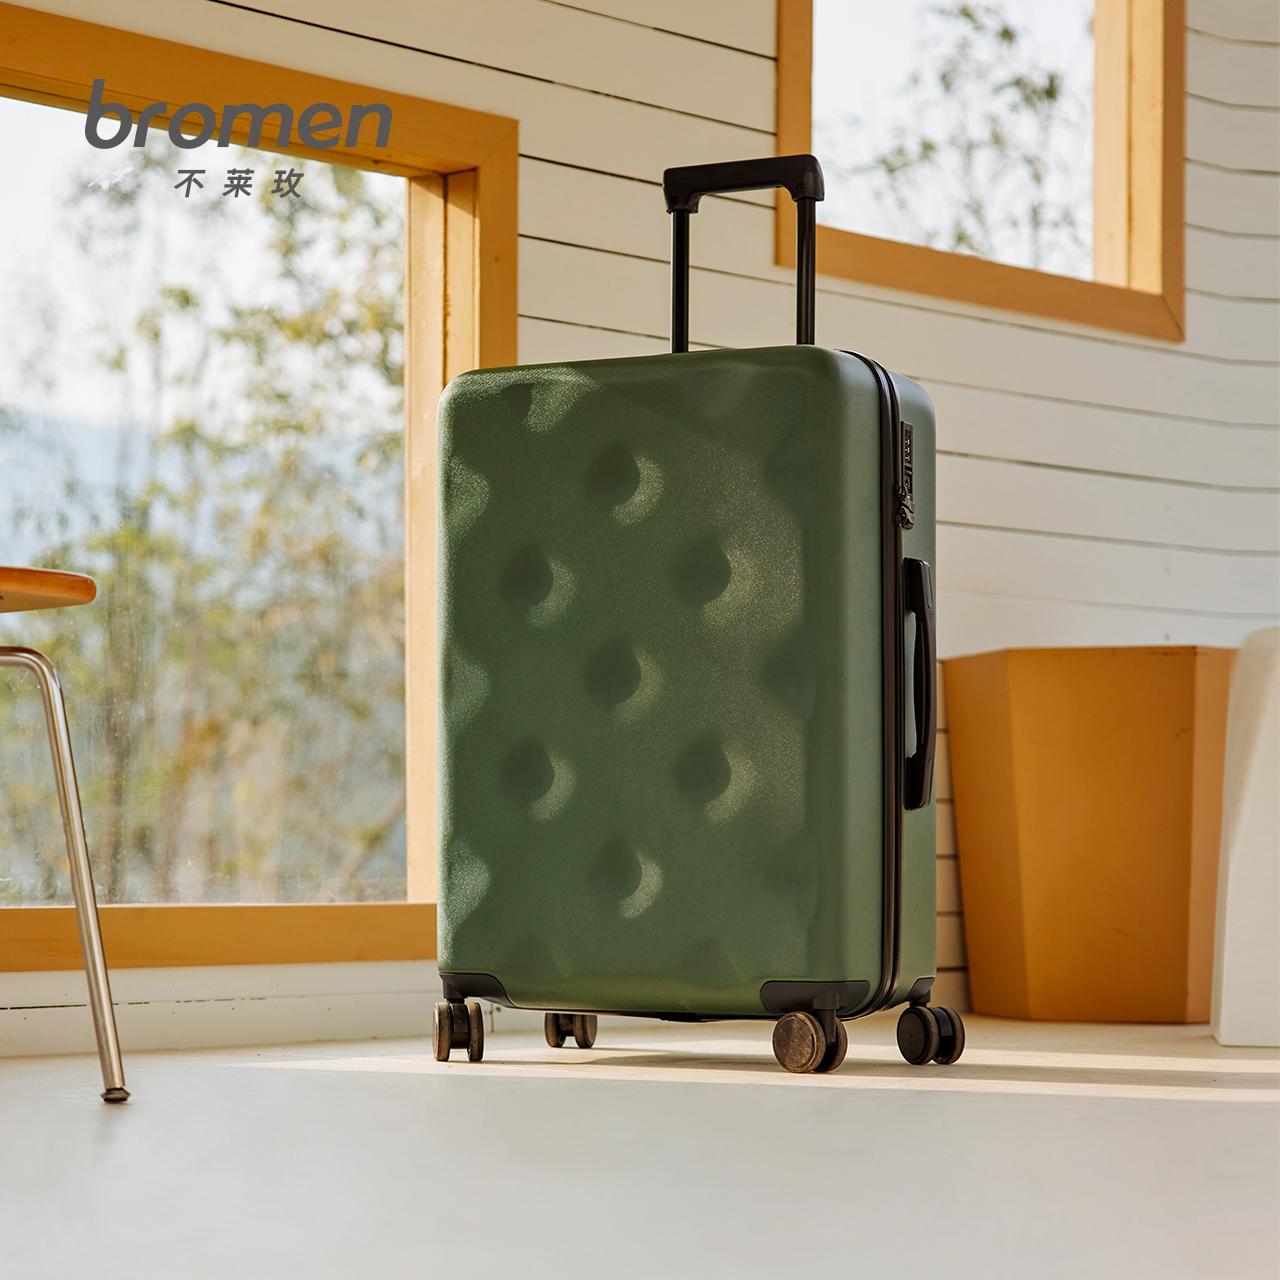 【立即付定金】不莱玫行李箱大容静音万向轮轻便旅行箱20寸登机